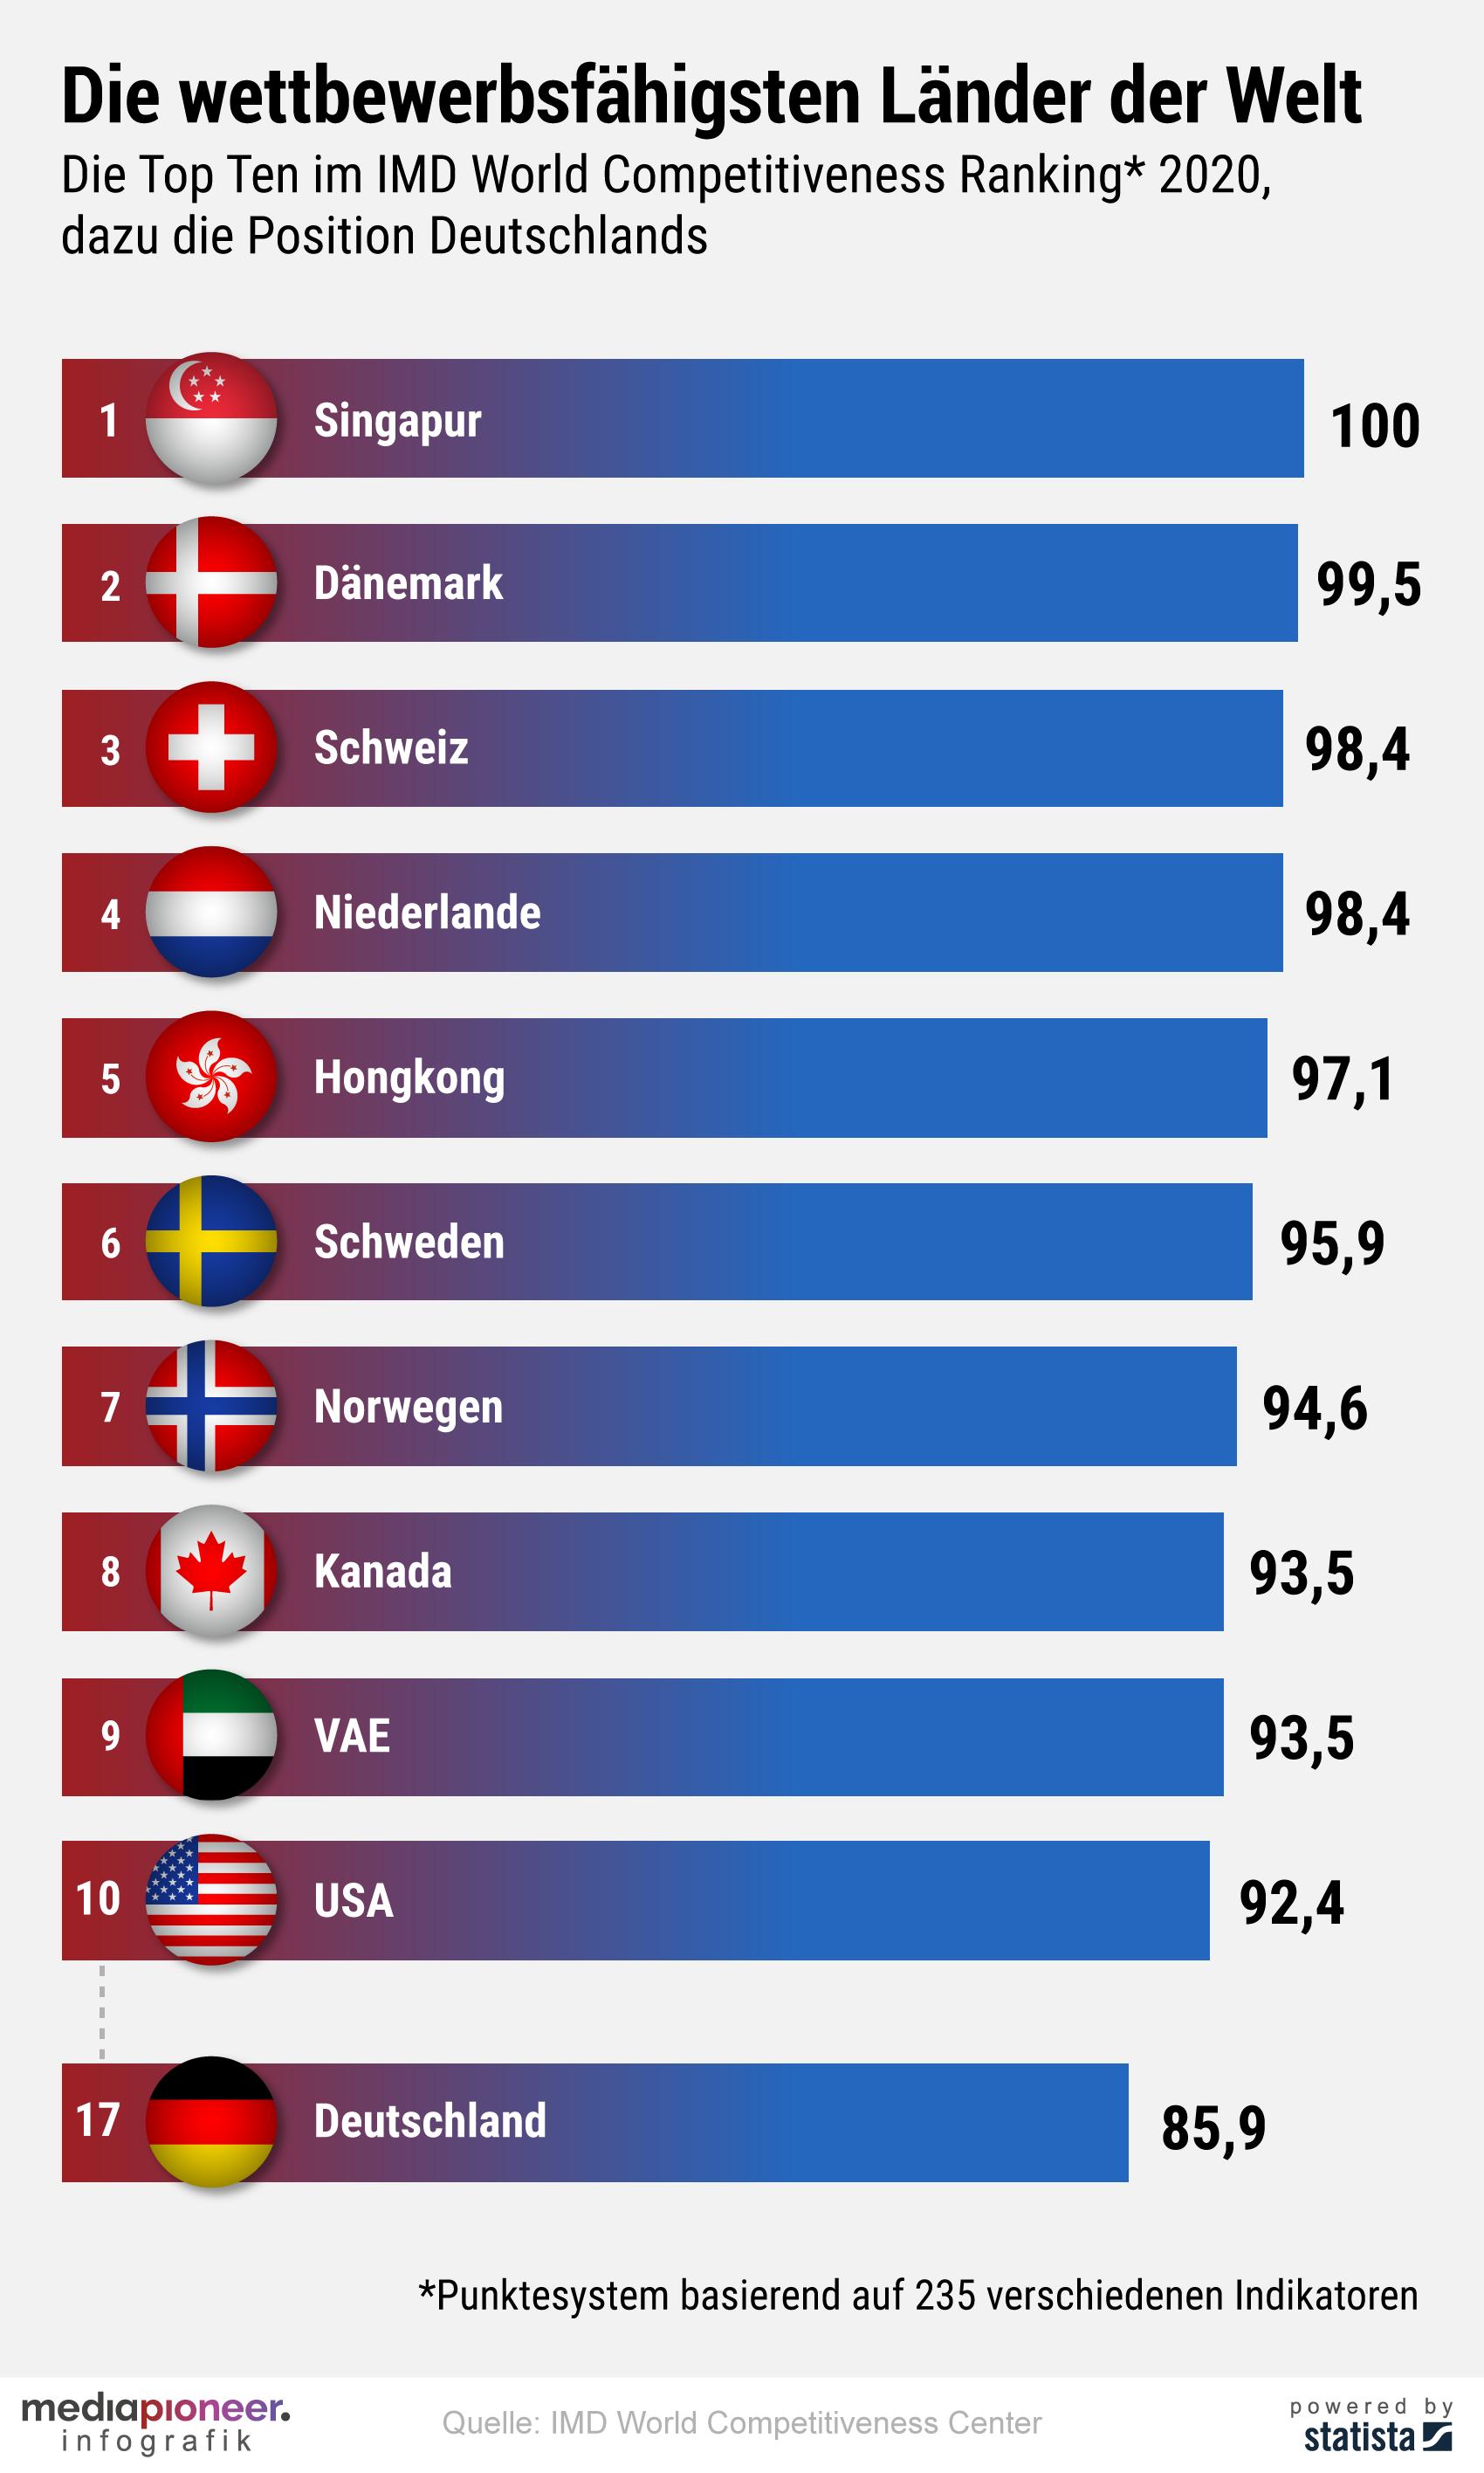 20200618-infografik-media-pioneer-wettbewerbsfaehigsten-laender